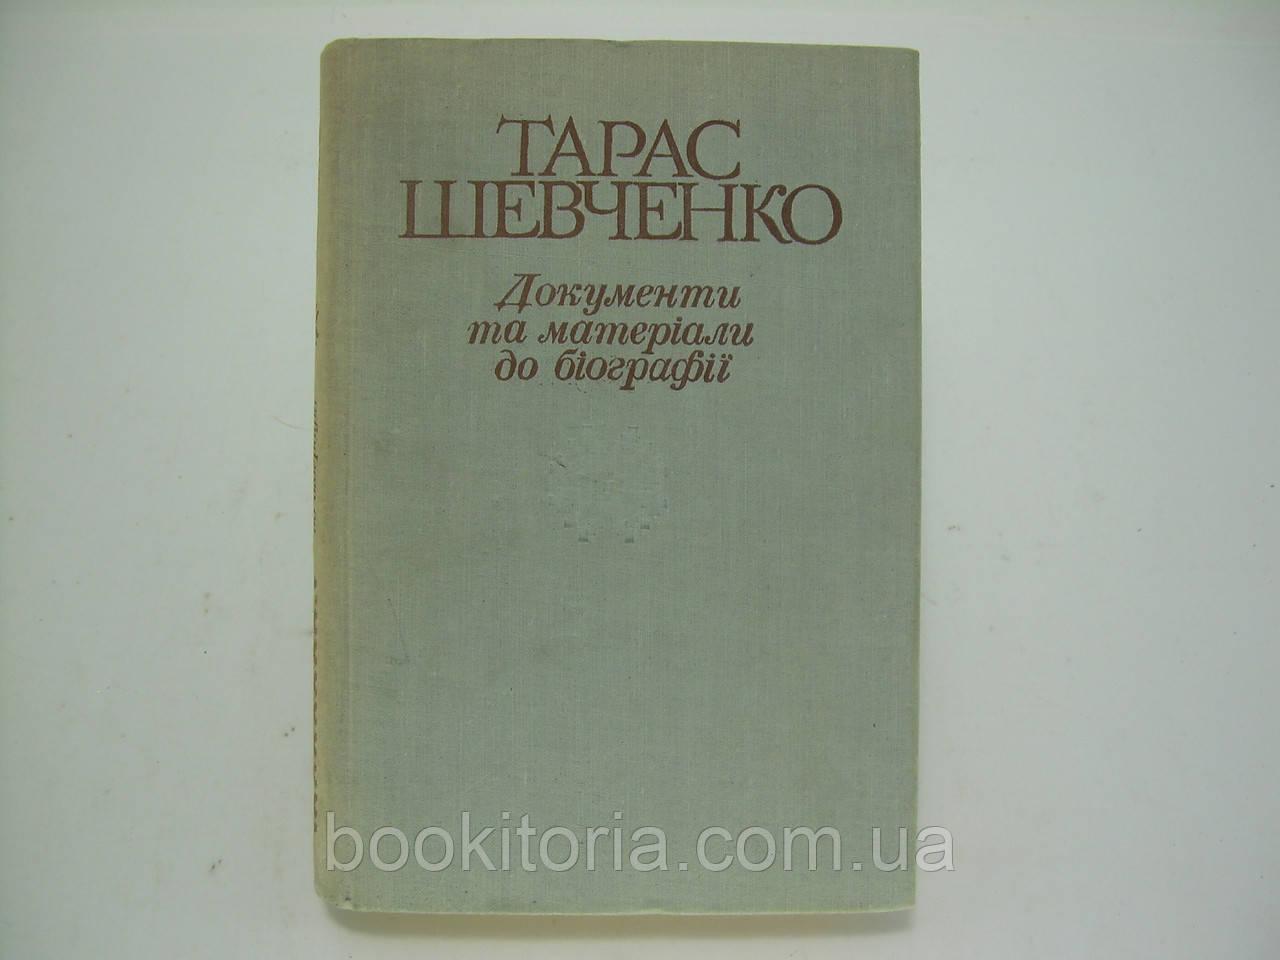 Тарас Шевченко. Документи та матеріали біографії. 1814–1861 (б/у).